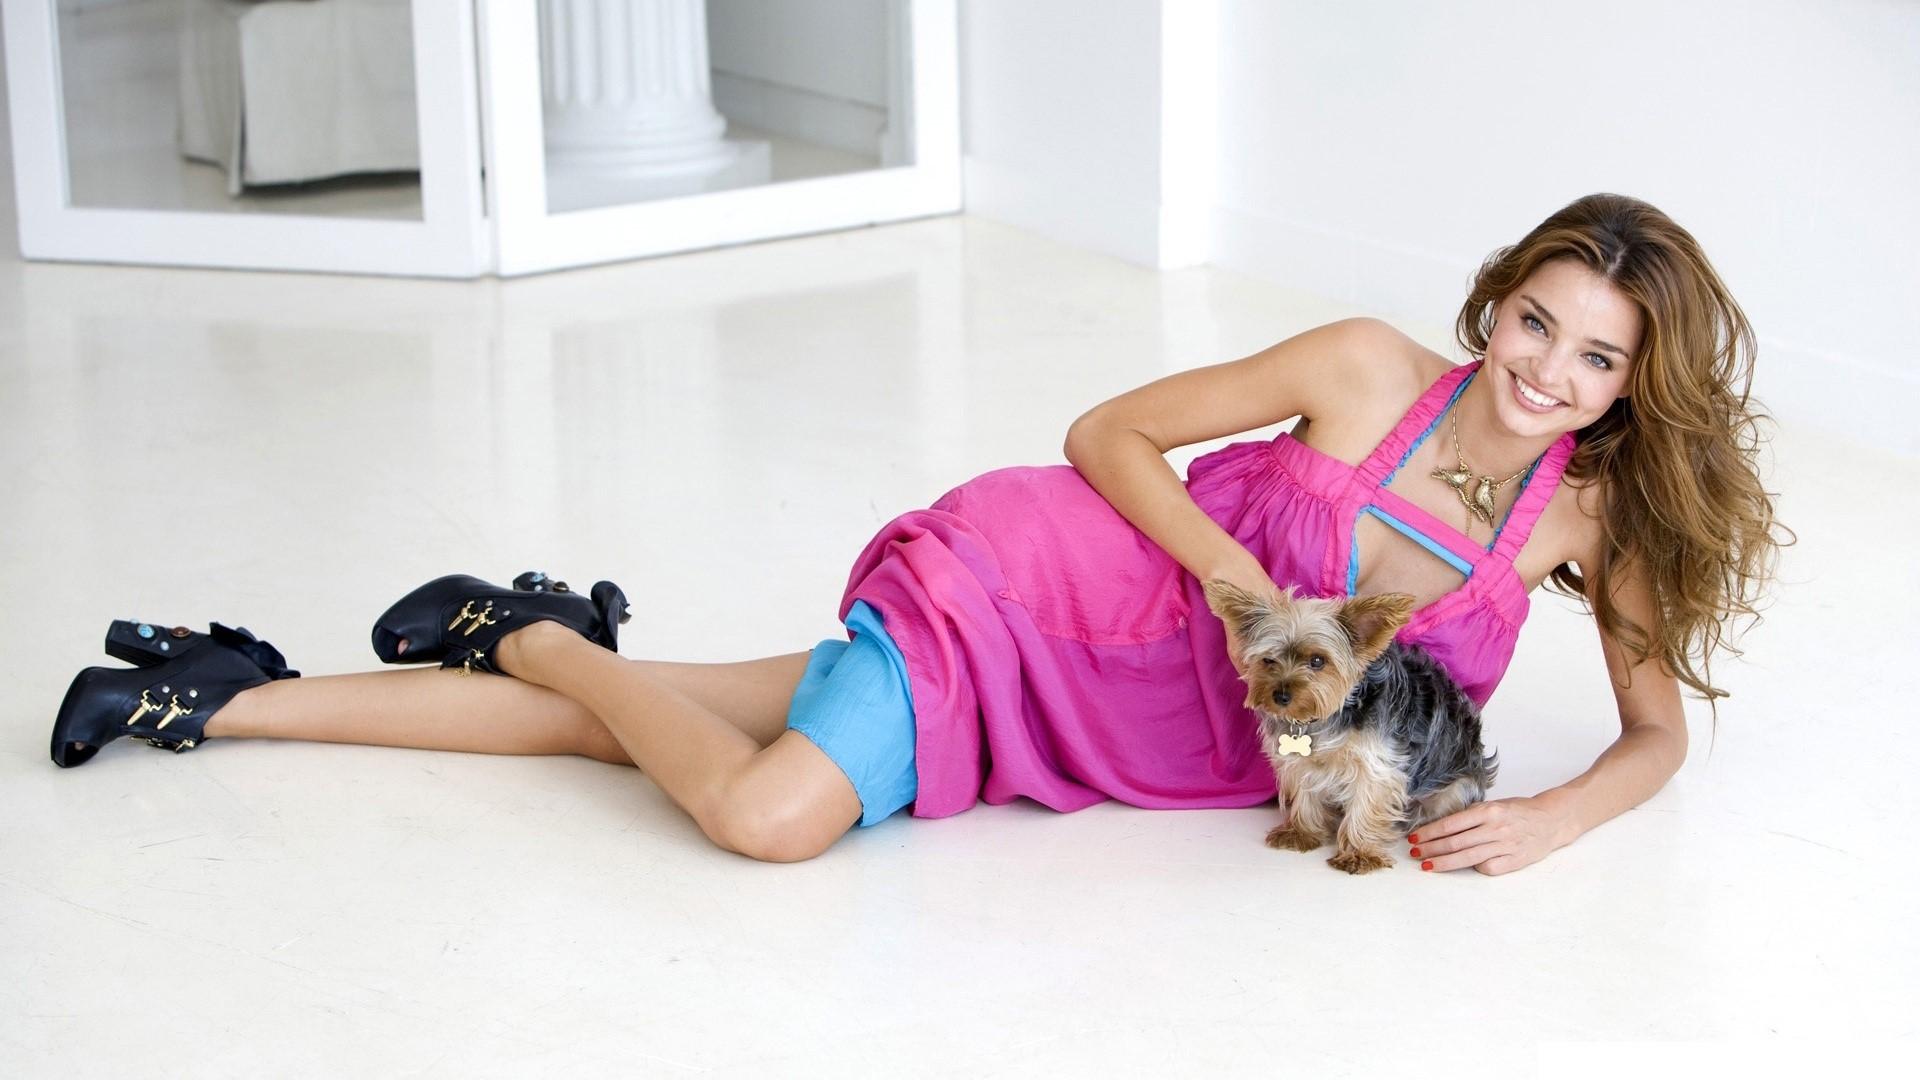 Miranda Kerr Wallpapers 5